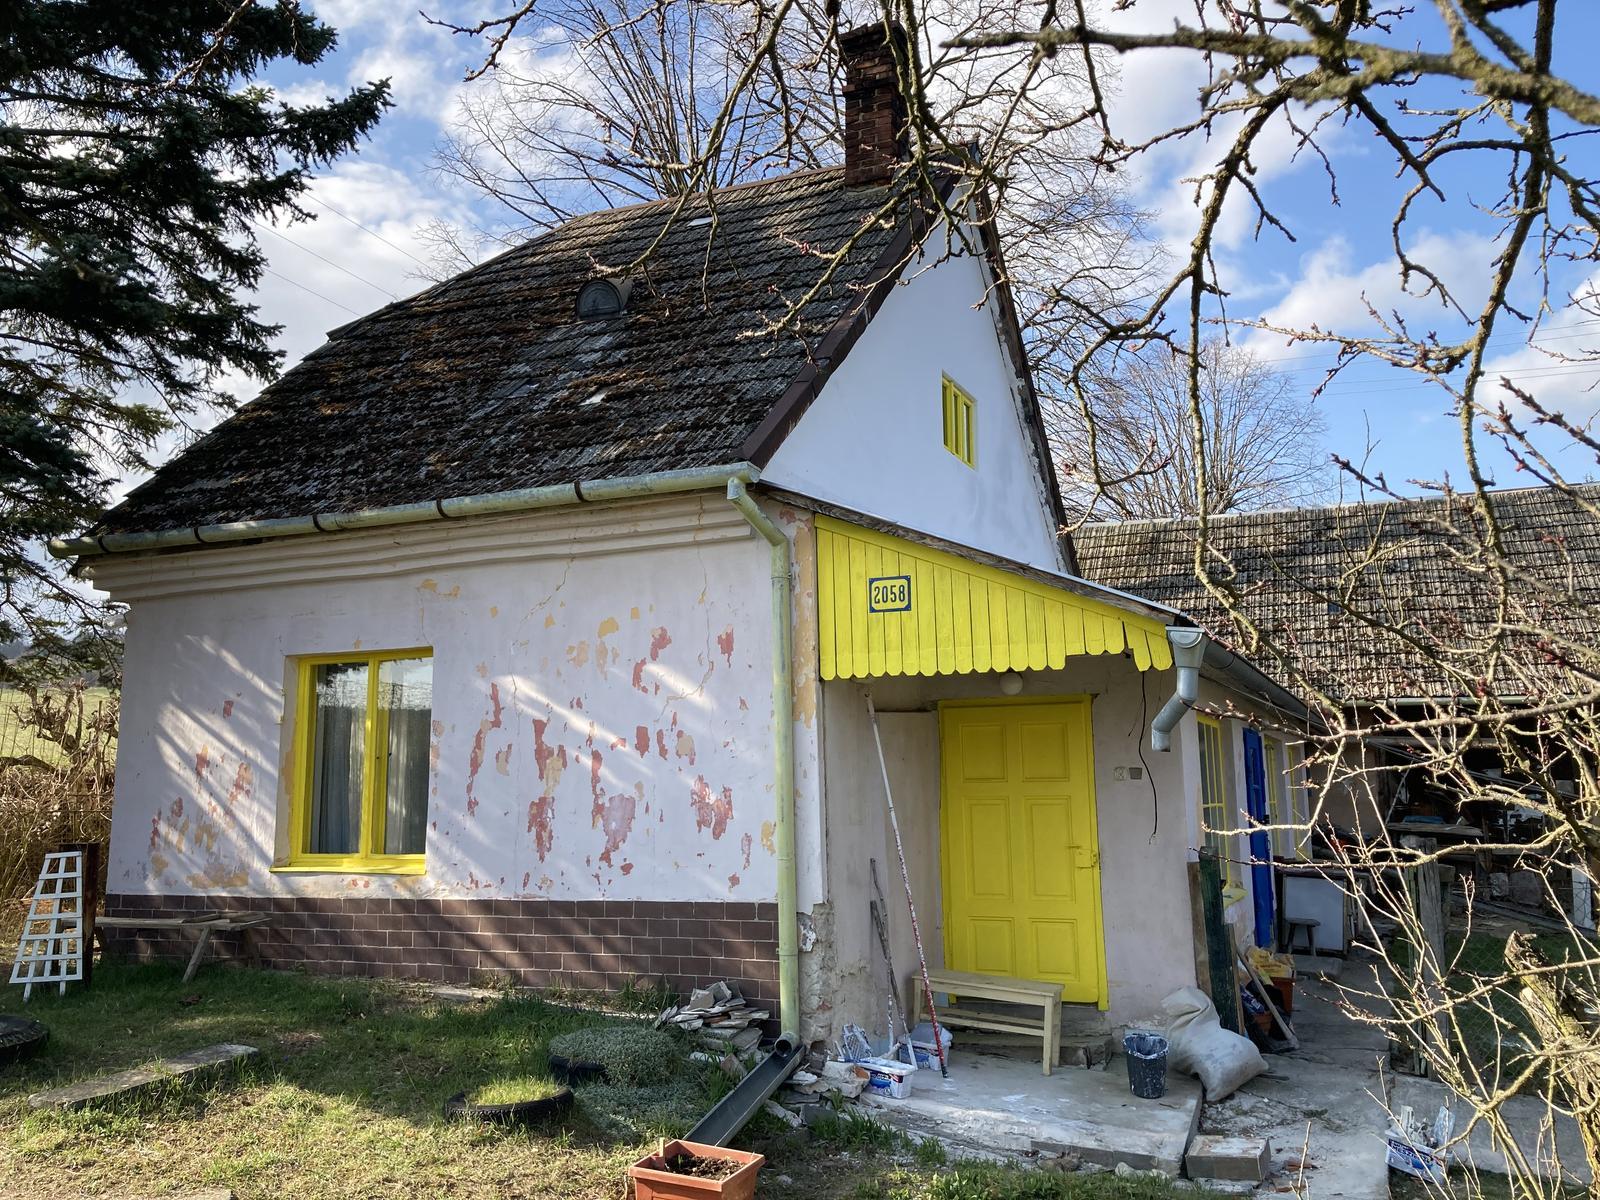 Dom - štít natretý 🥰